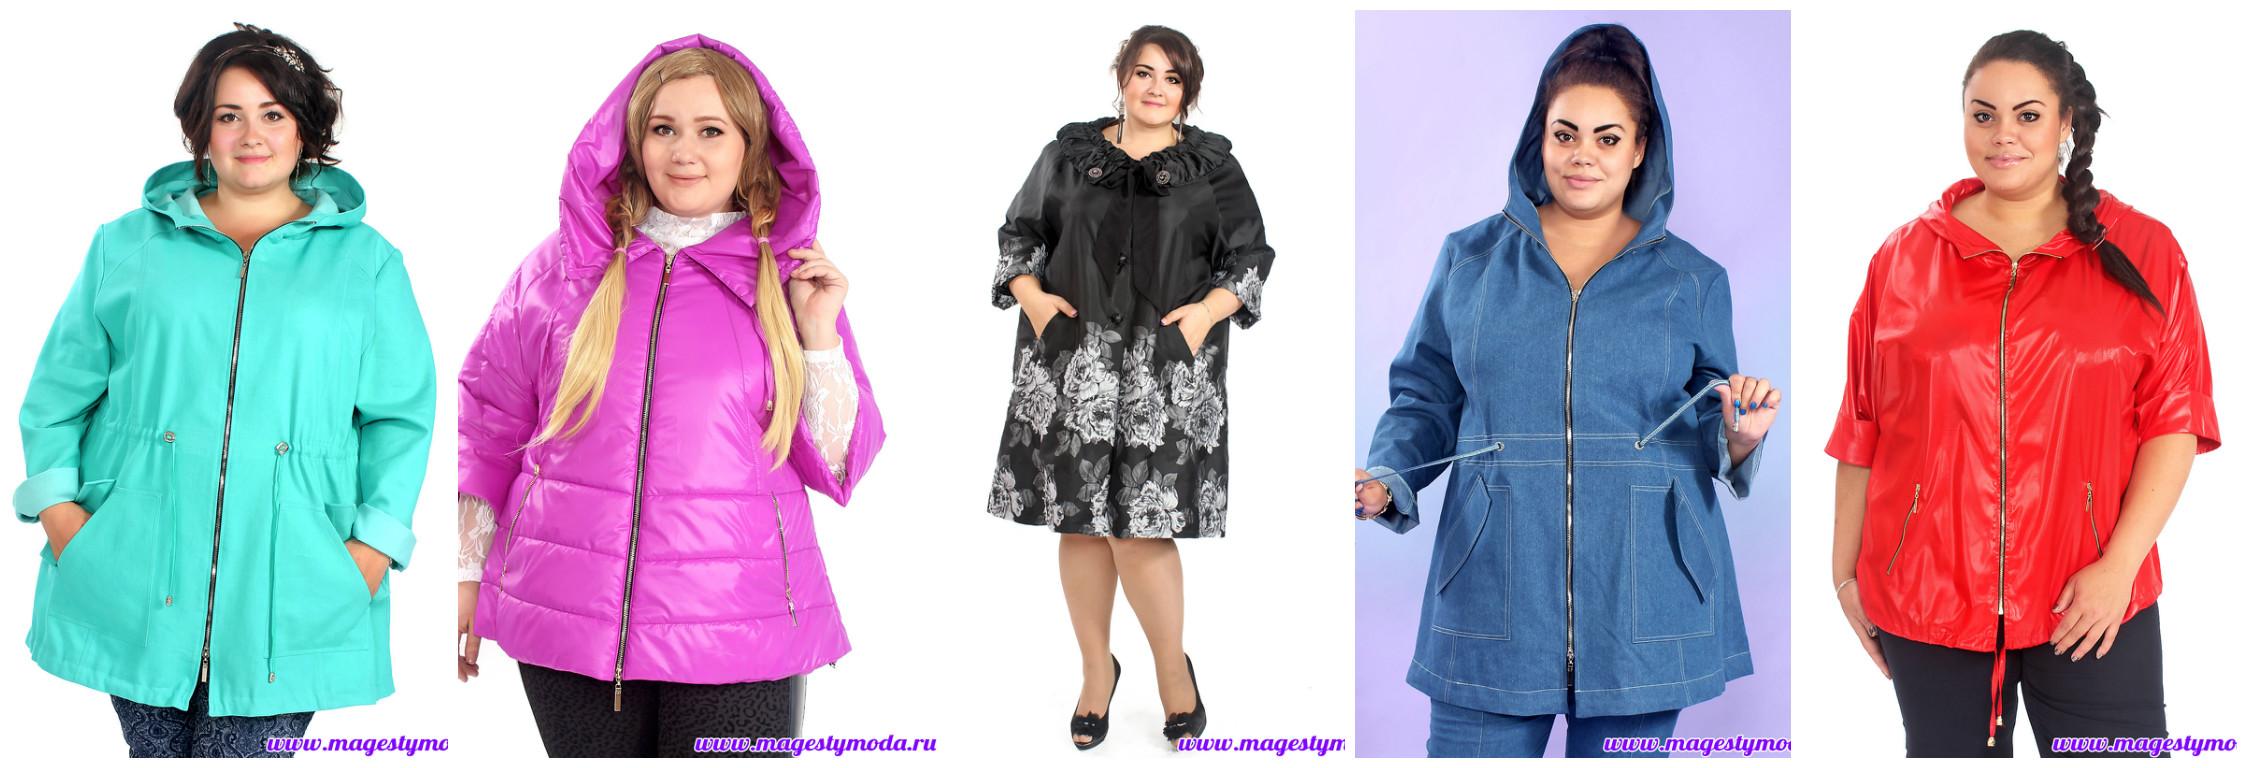 Сбор заказов. Очень красивая и качественная. Женская верхняя одежда. Просто загляните ! Размеры 56-70 .